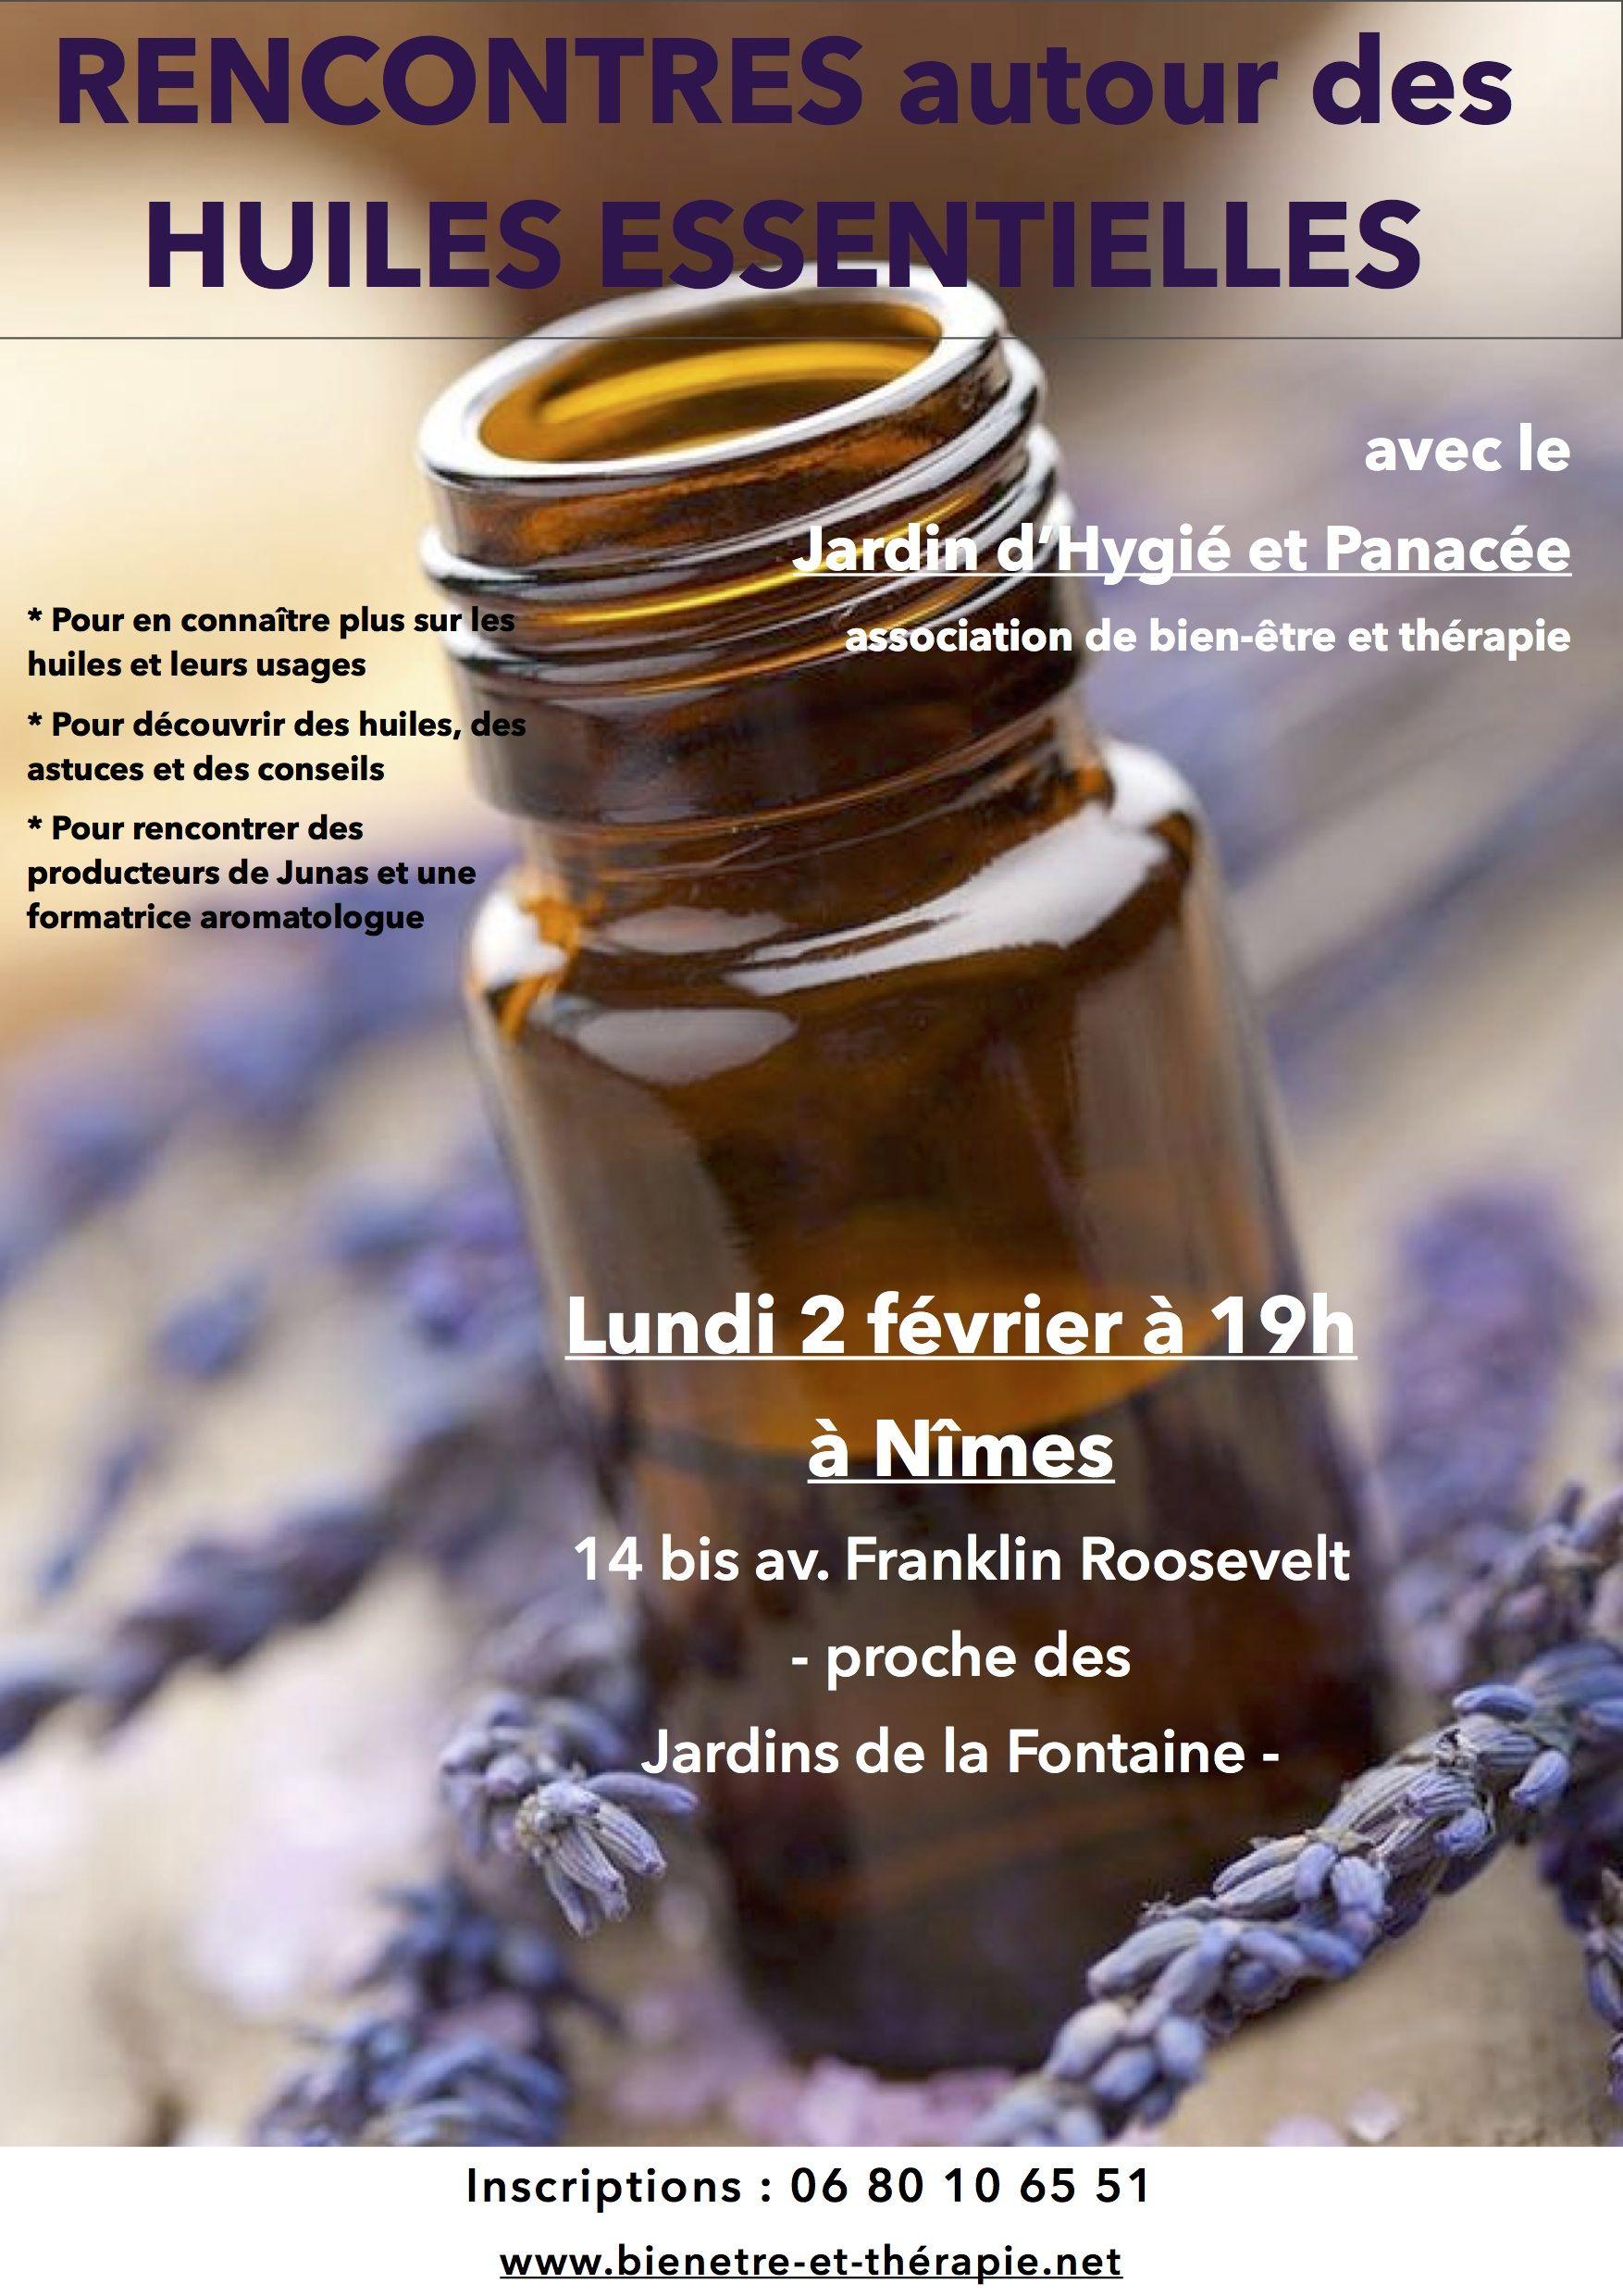 Rencontres autour des huiles essentielles à Nîmes le 02/02/15